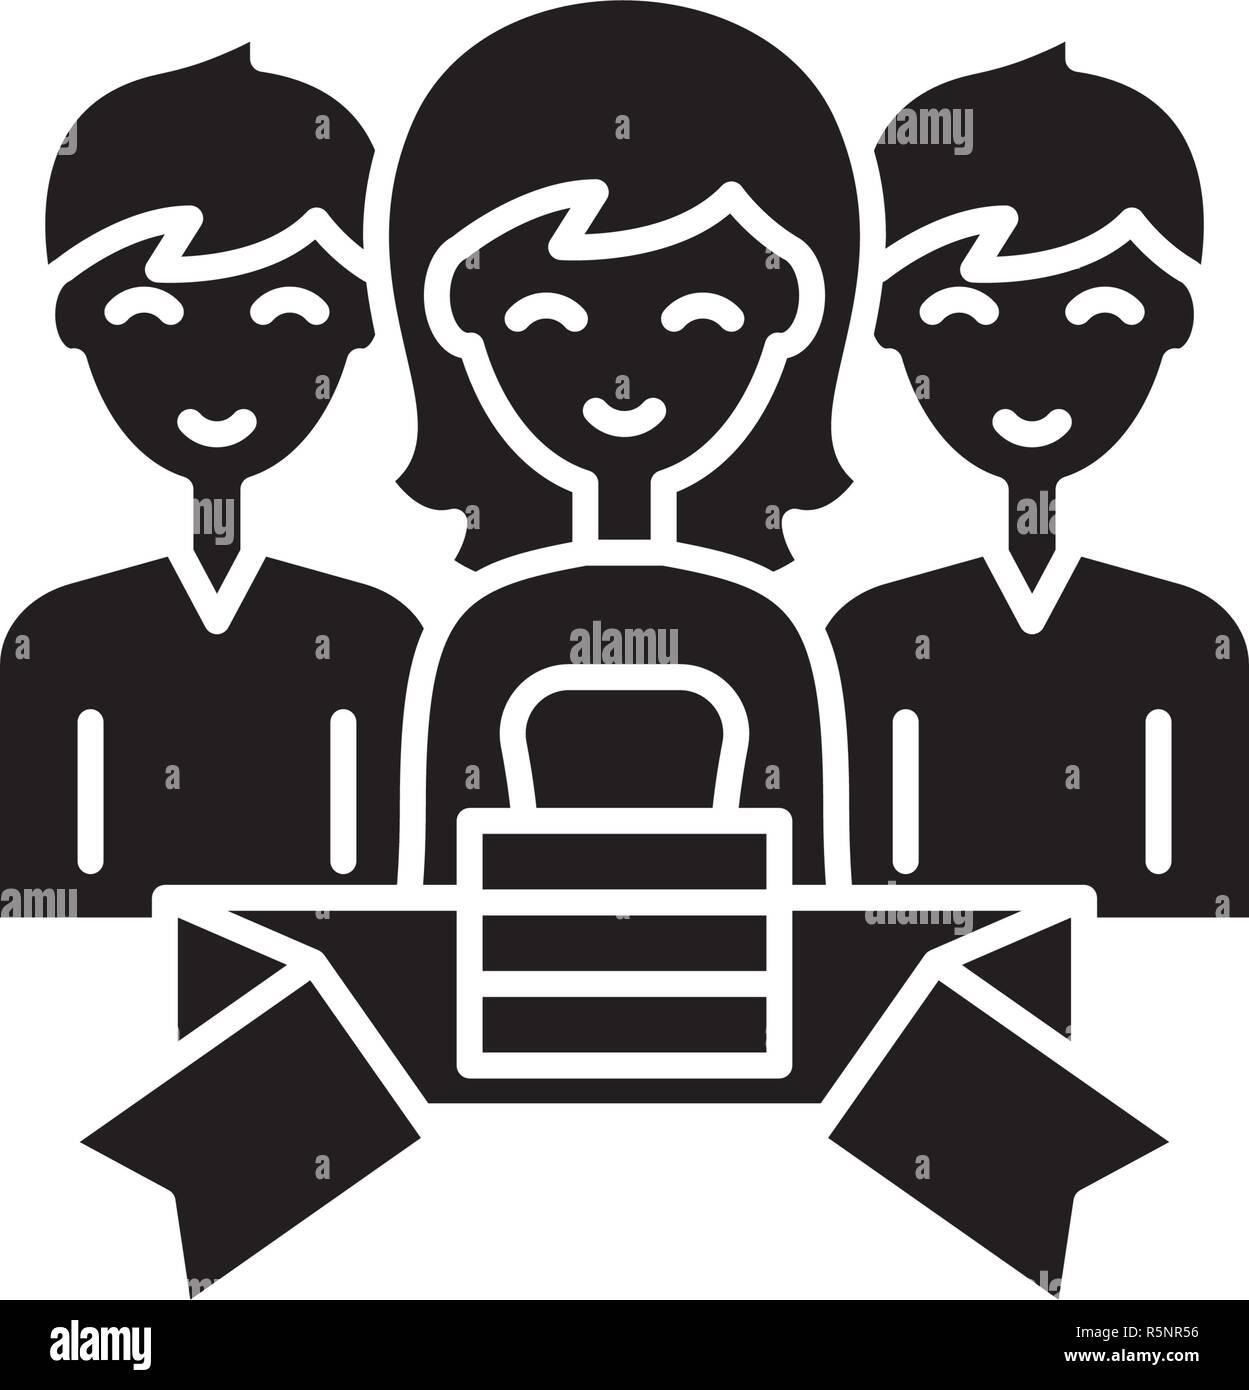 Composición icono negro, signo de vectores de fondo aislados. Concepto de pertenencia, símbolo de la ilustración Imagen De Stock